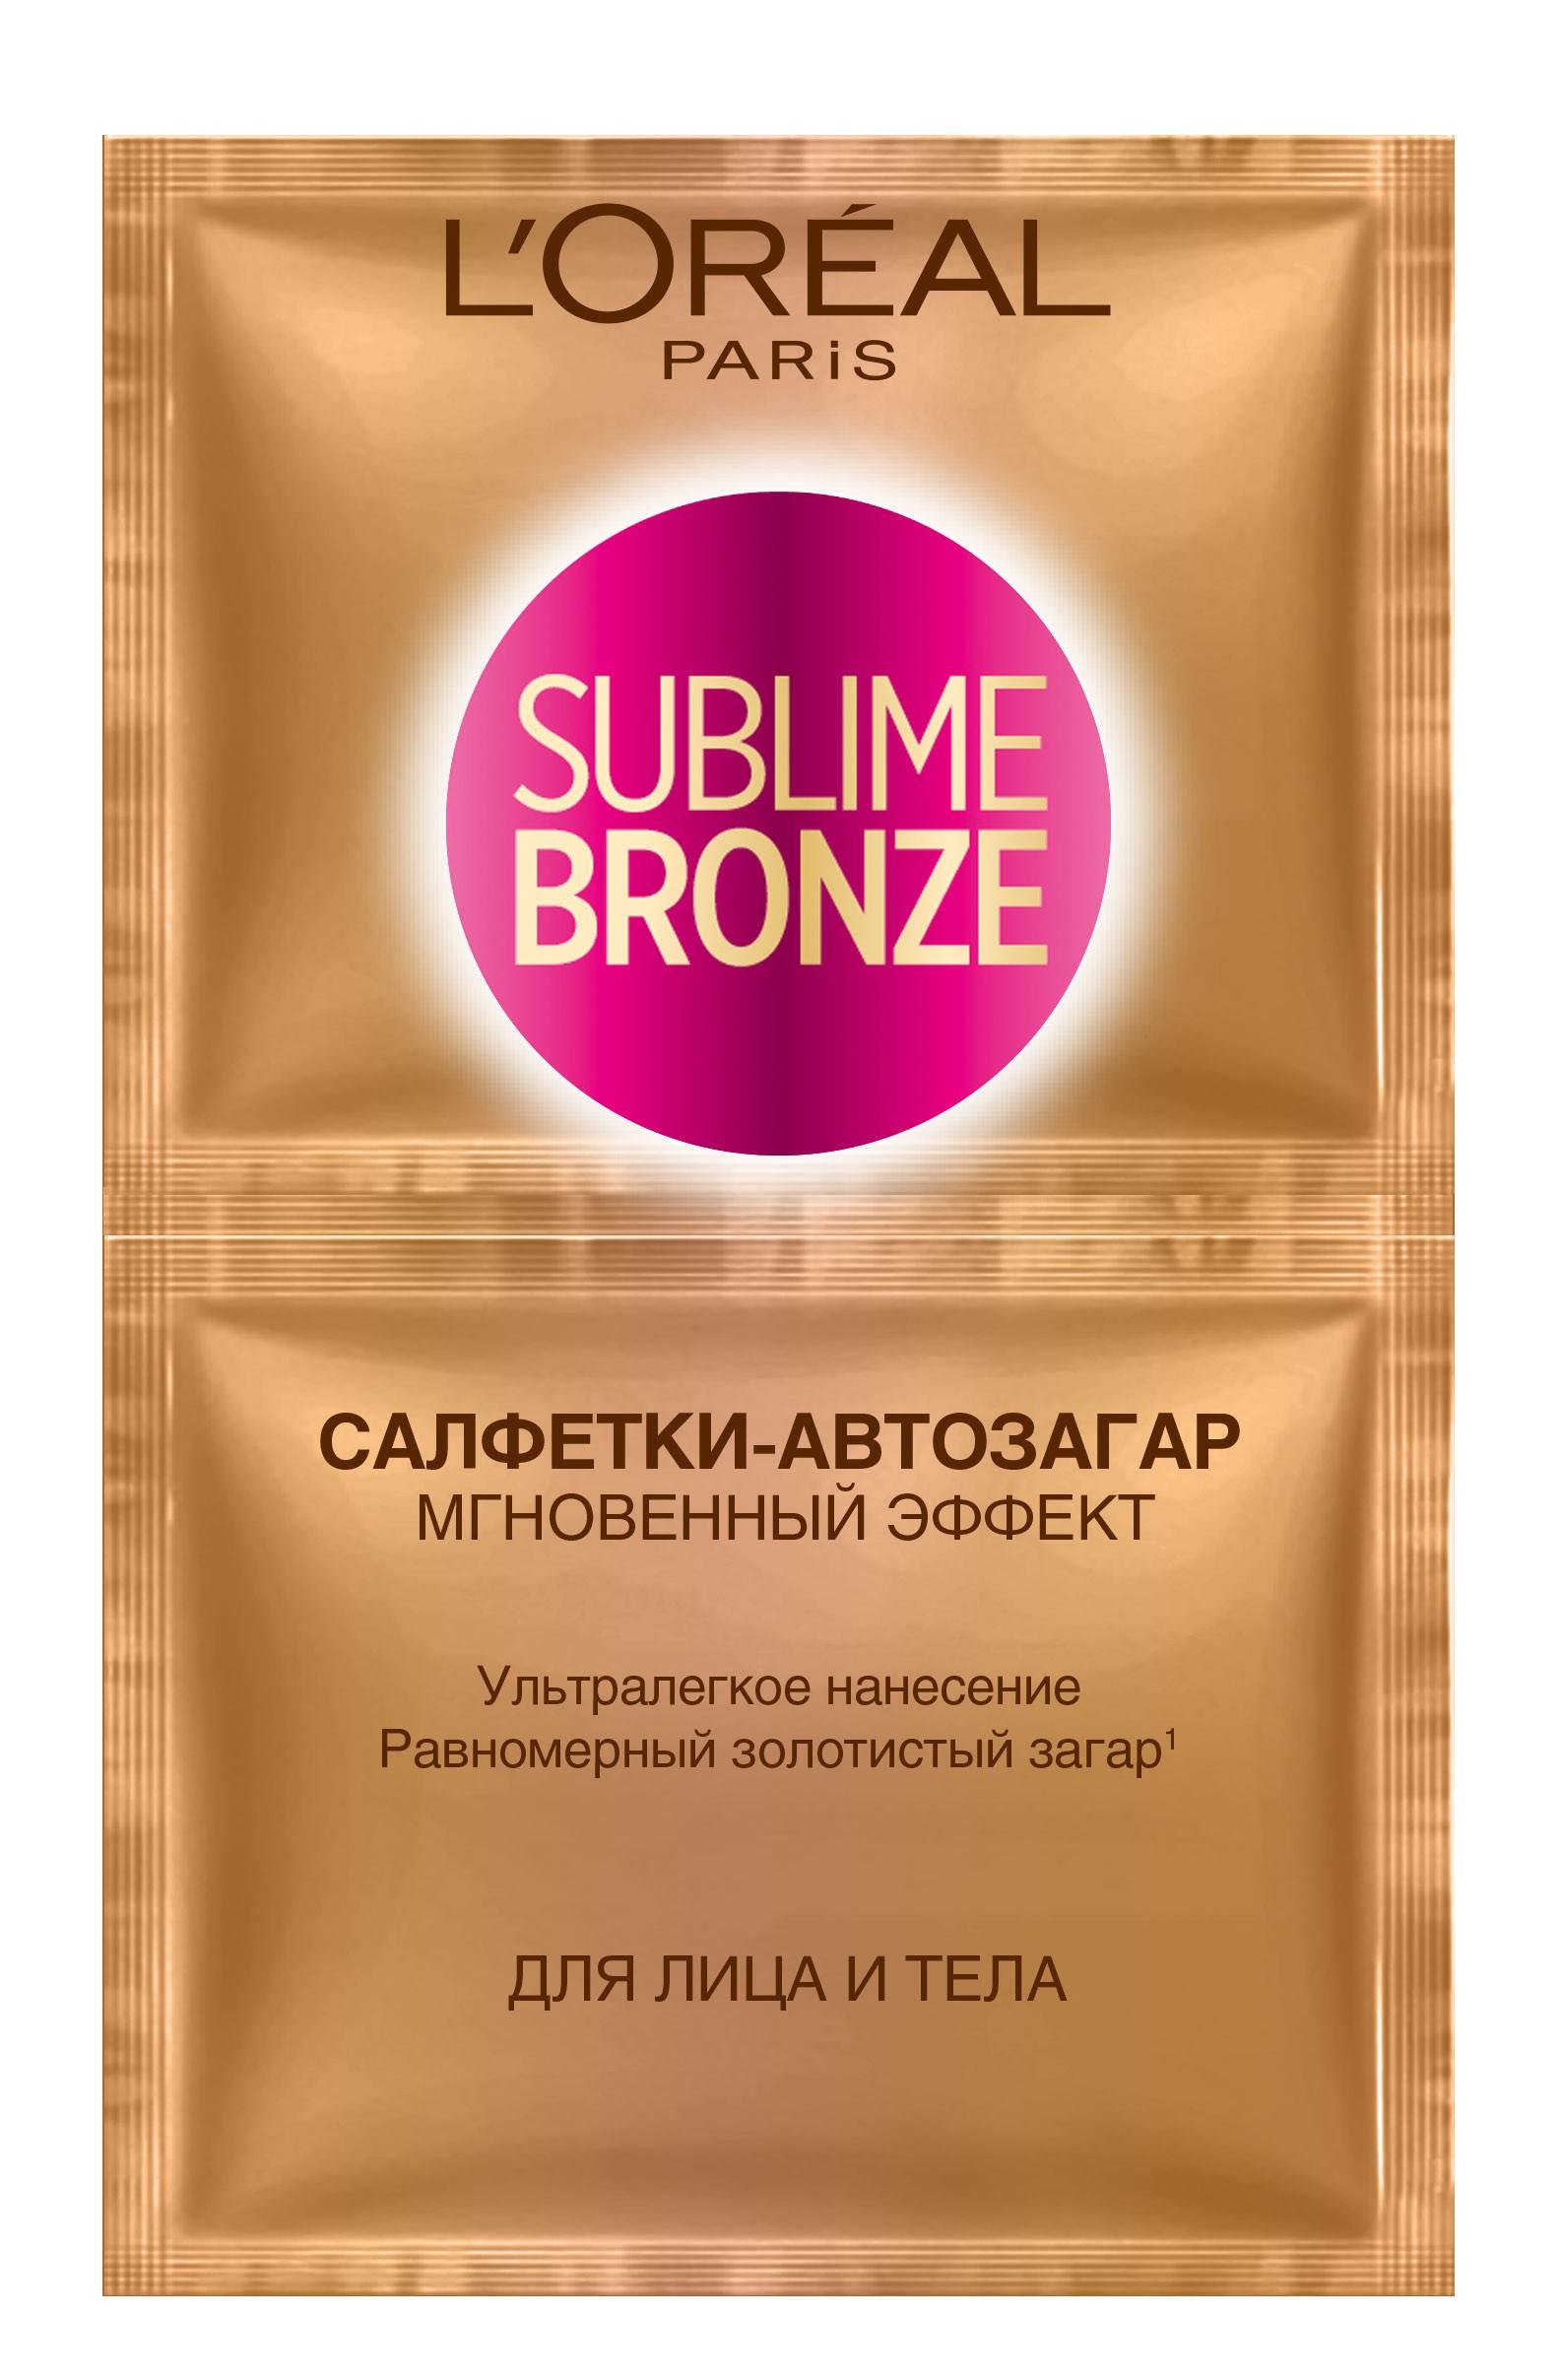 LOreal Paris Sublime Bronze Салфетки-автозагар, для лица и тела, 2 х 5,6 млFS-54114Новый формат автозагара - салфетки LOreal Paris Sublime Bronze, которые обеспечивают быстрое ультралегкое нанесение и позволяют получить равномерный, золотистый, сияющий загар без пятен. Простой и удобный формат даже для тех, кто впервые использует автозагар. Ее тканая текстура позволяет равномерно нанести автобронзант на кожу, включая труднодоступные зоны (лодыжки, колени). В состав формулы салфетки входят отшелушивающие частицы, которые выравнивают поверхность кожи для получения равномерного загара. Салфетки содержат оптимальную концентрацию автобронзирующих компонентов, чтобы придать коже золотистый оттенок уже после первого применения.